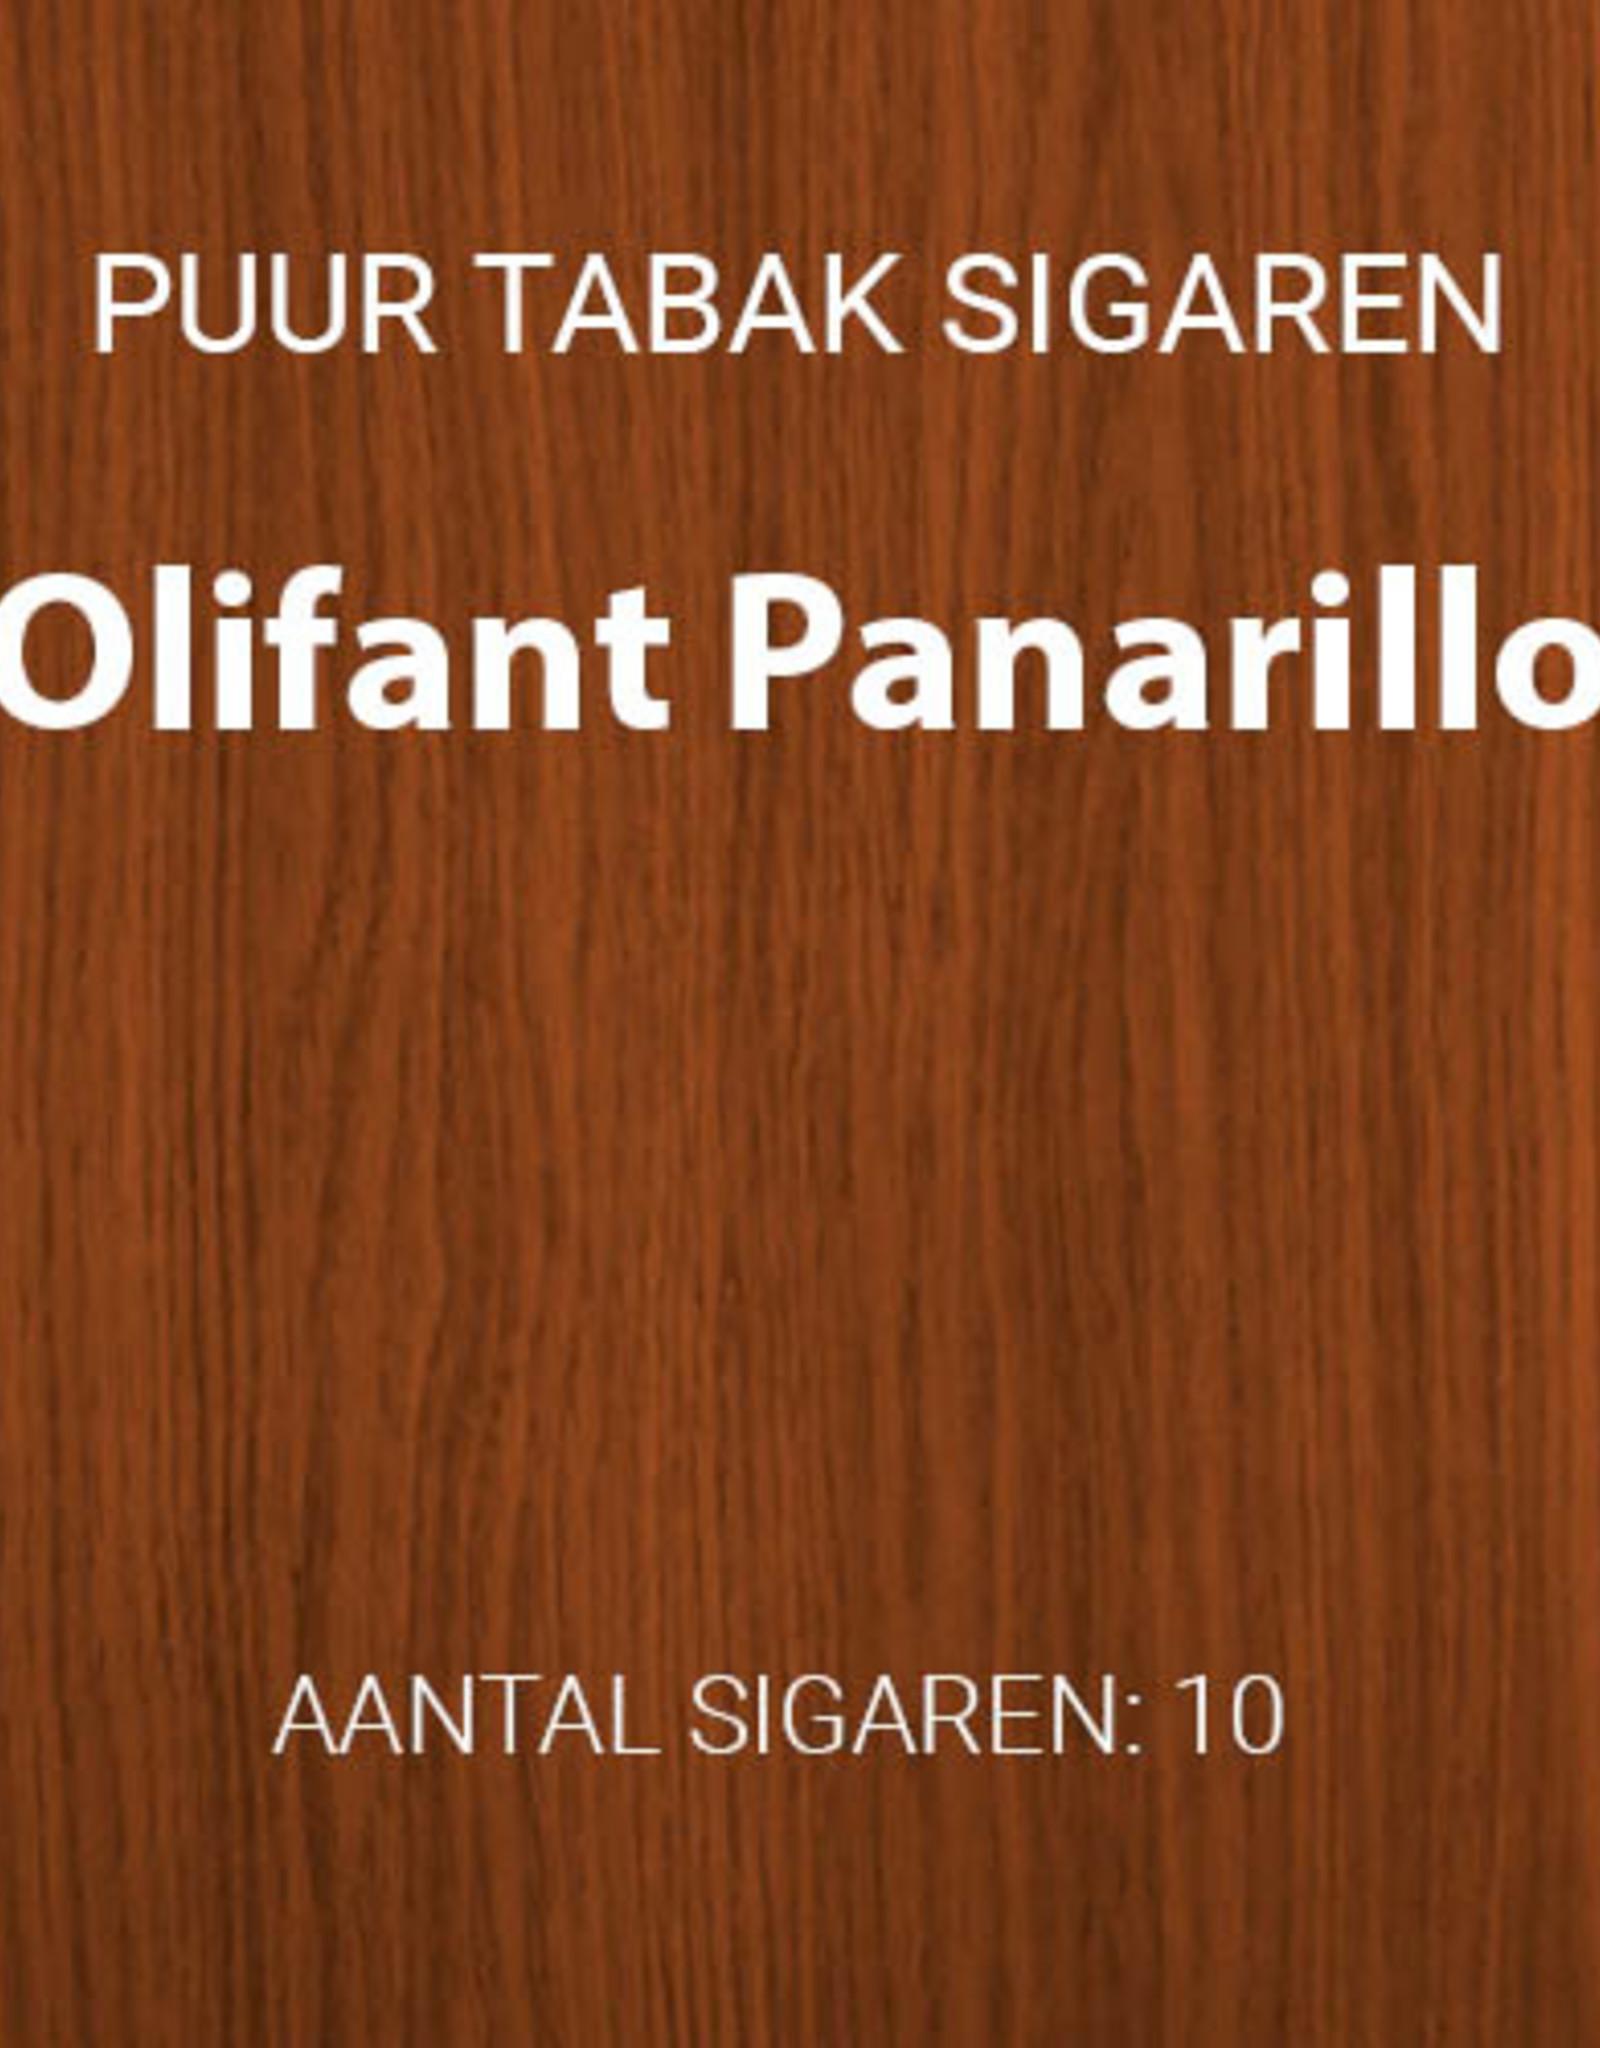 Olifant Panarillo